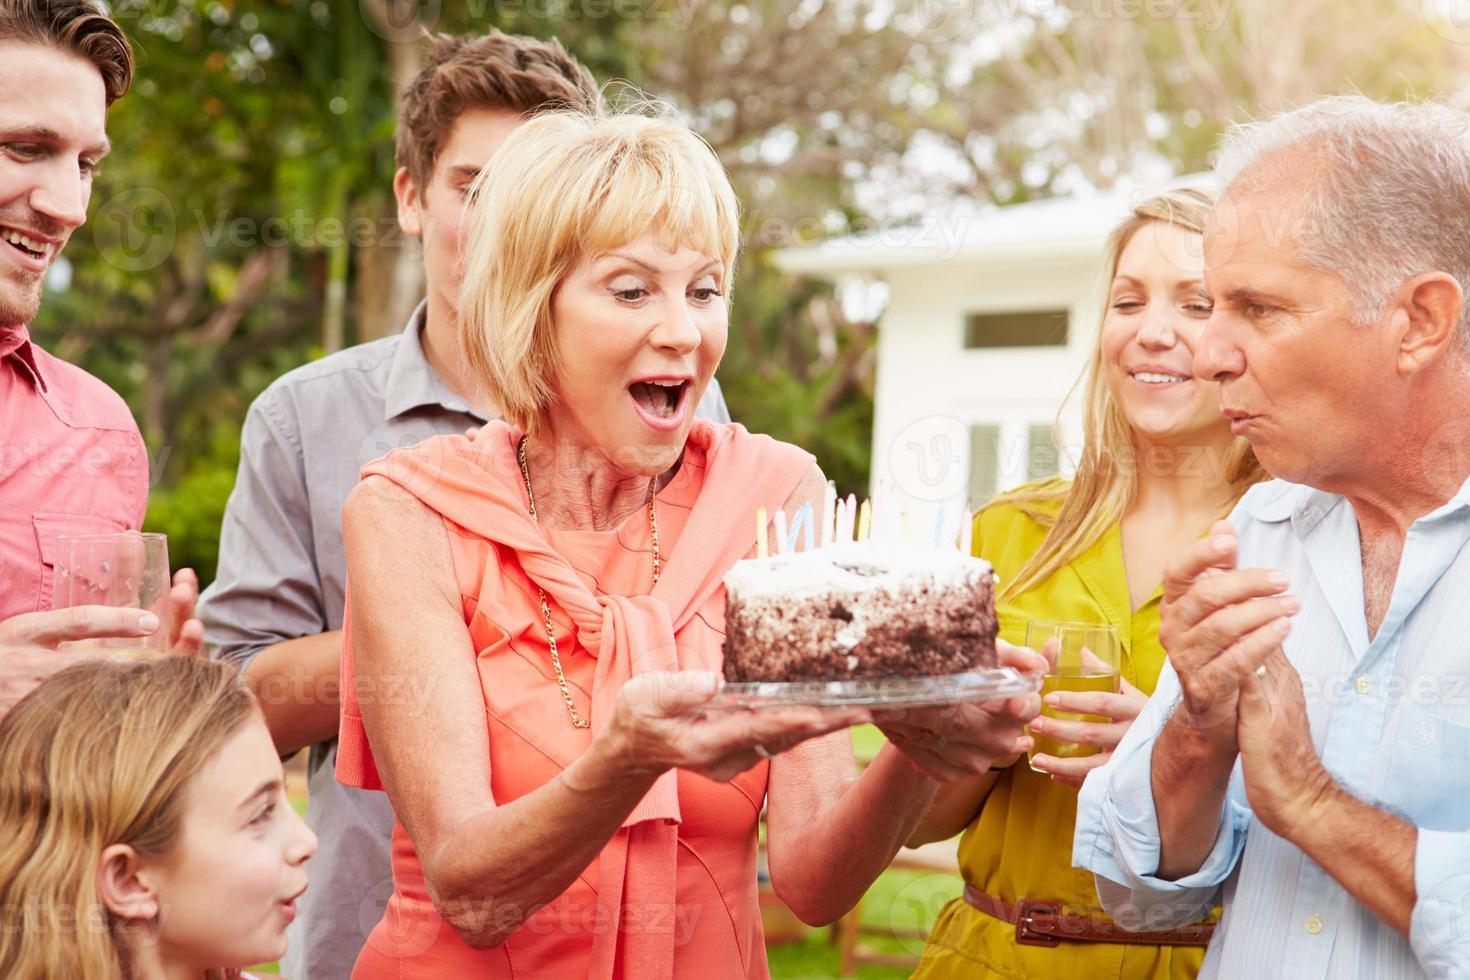 Familia multigeneración celebrando cumpleaños en jardín foto